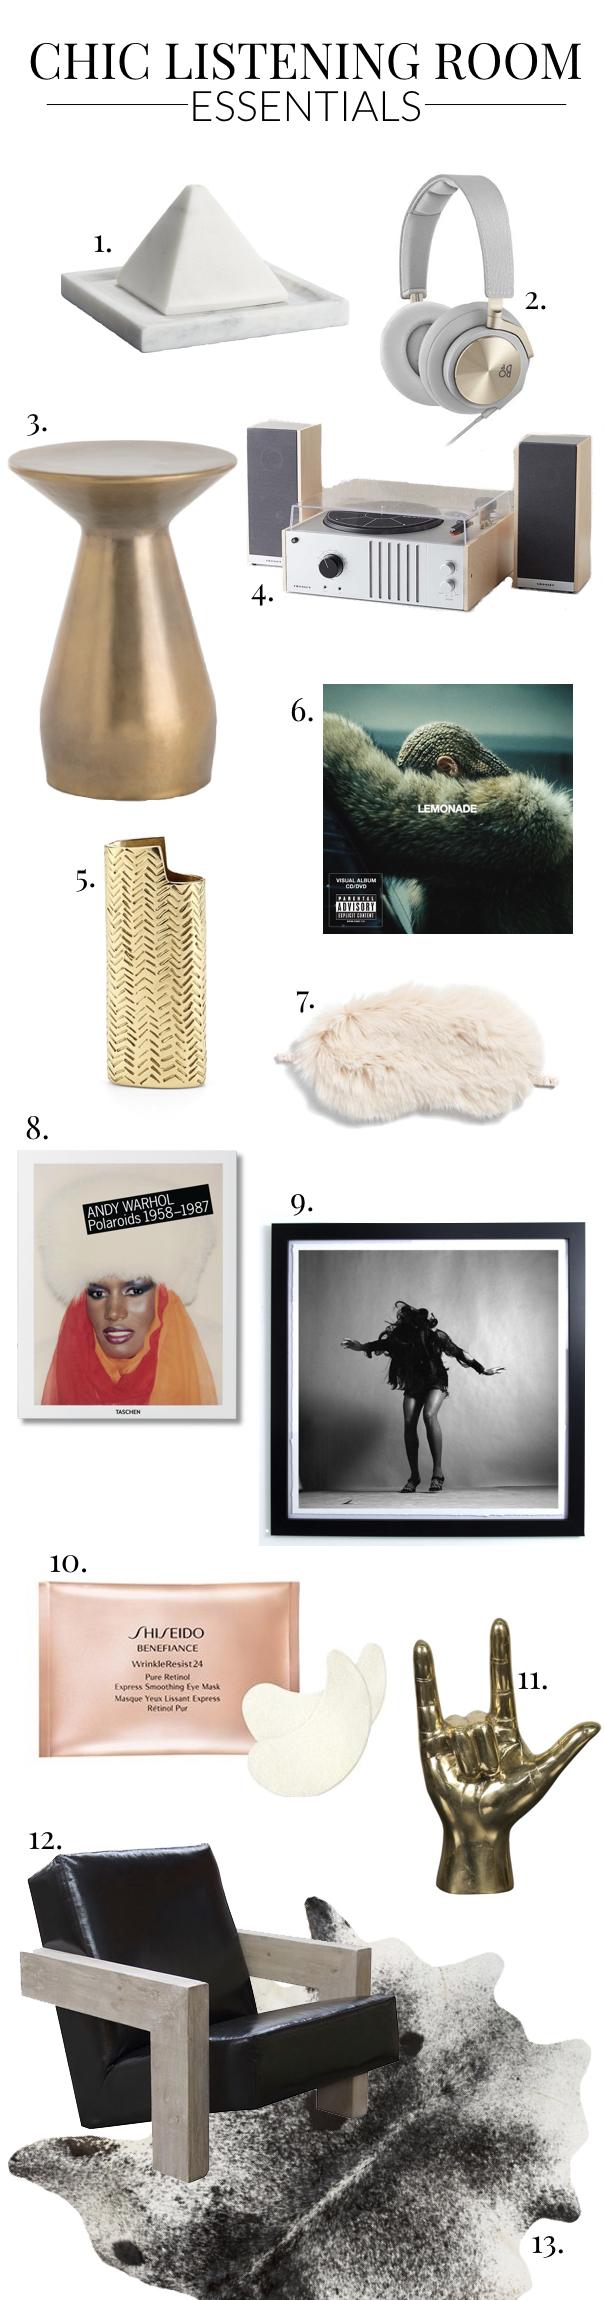 listening-room-essentials-001